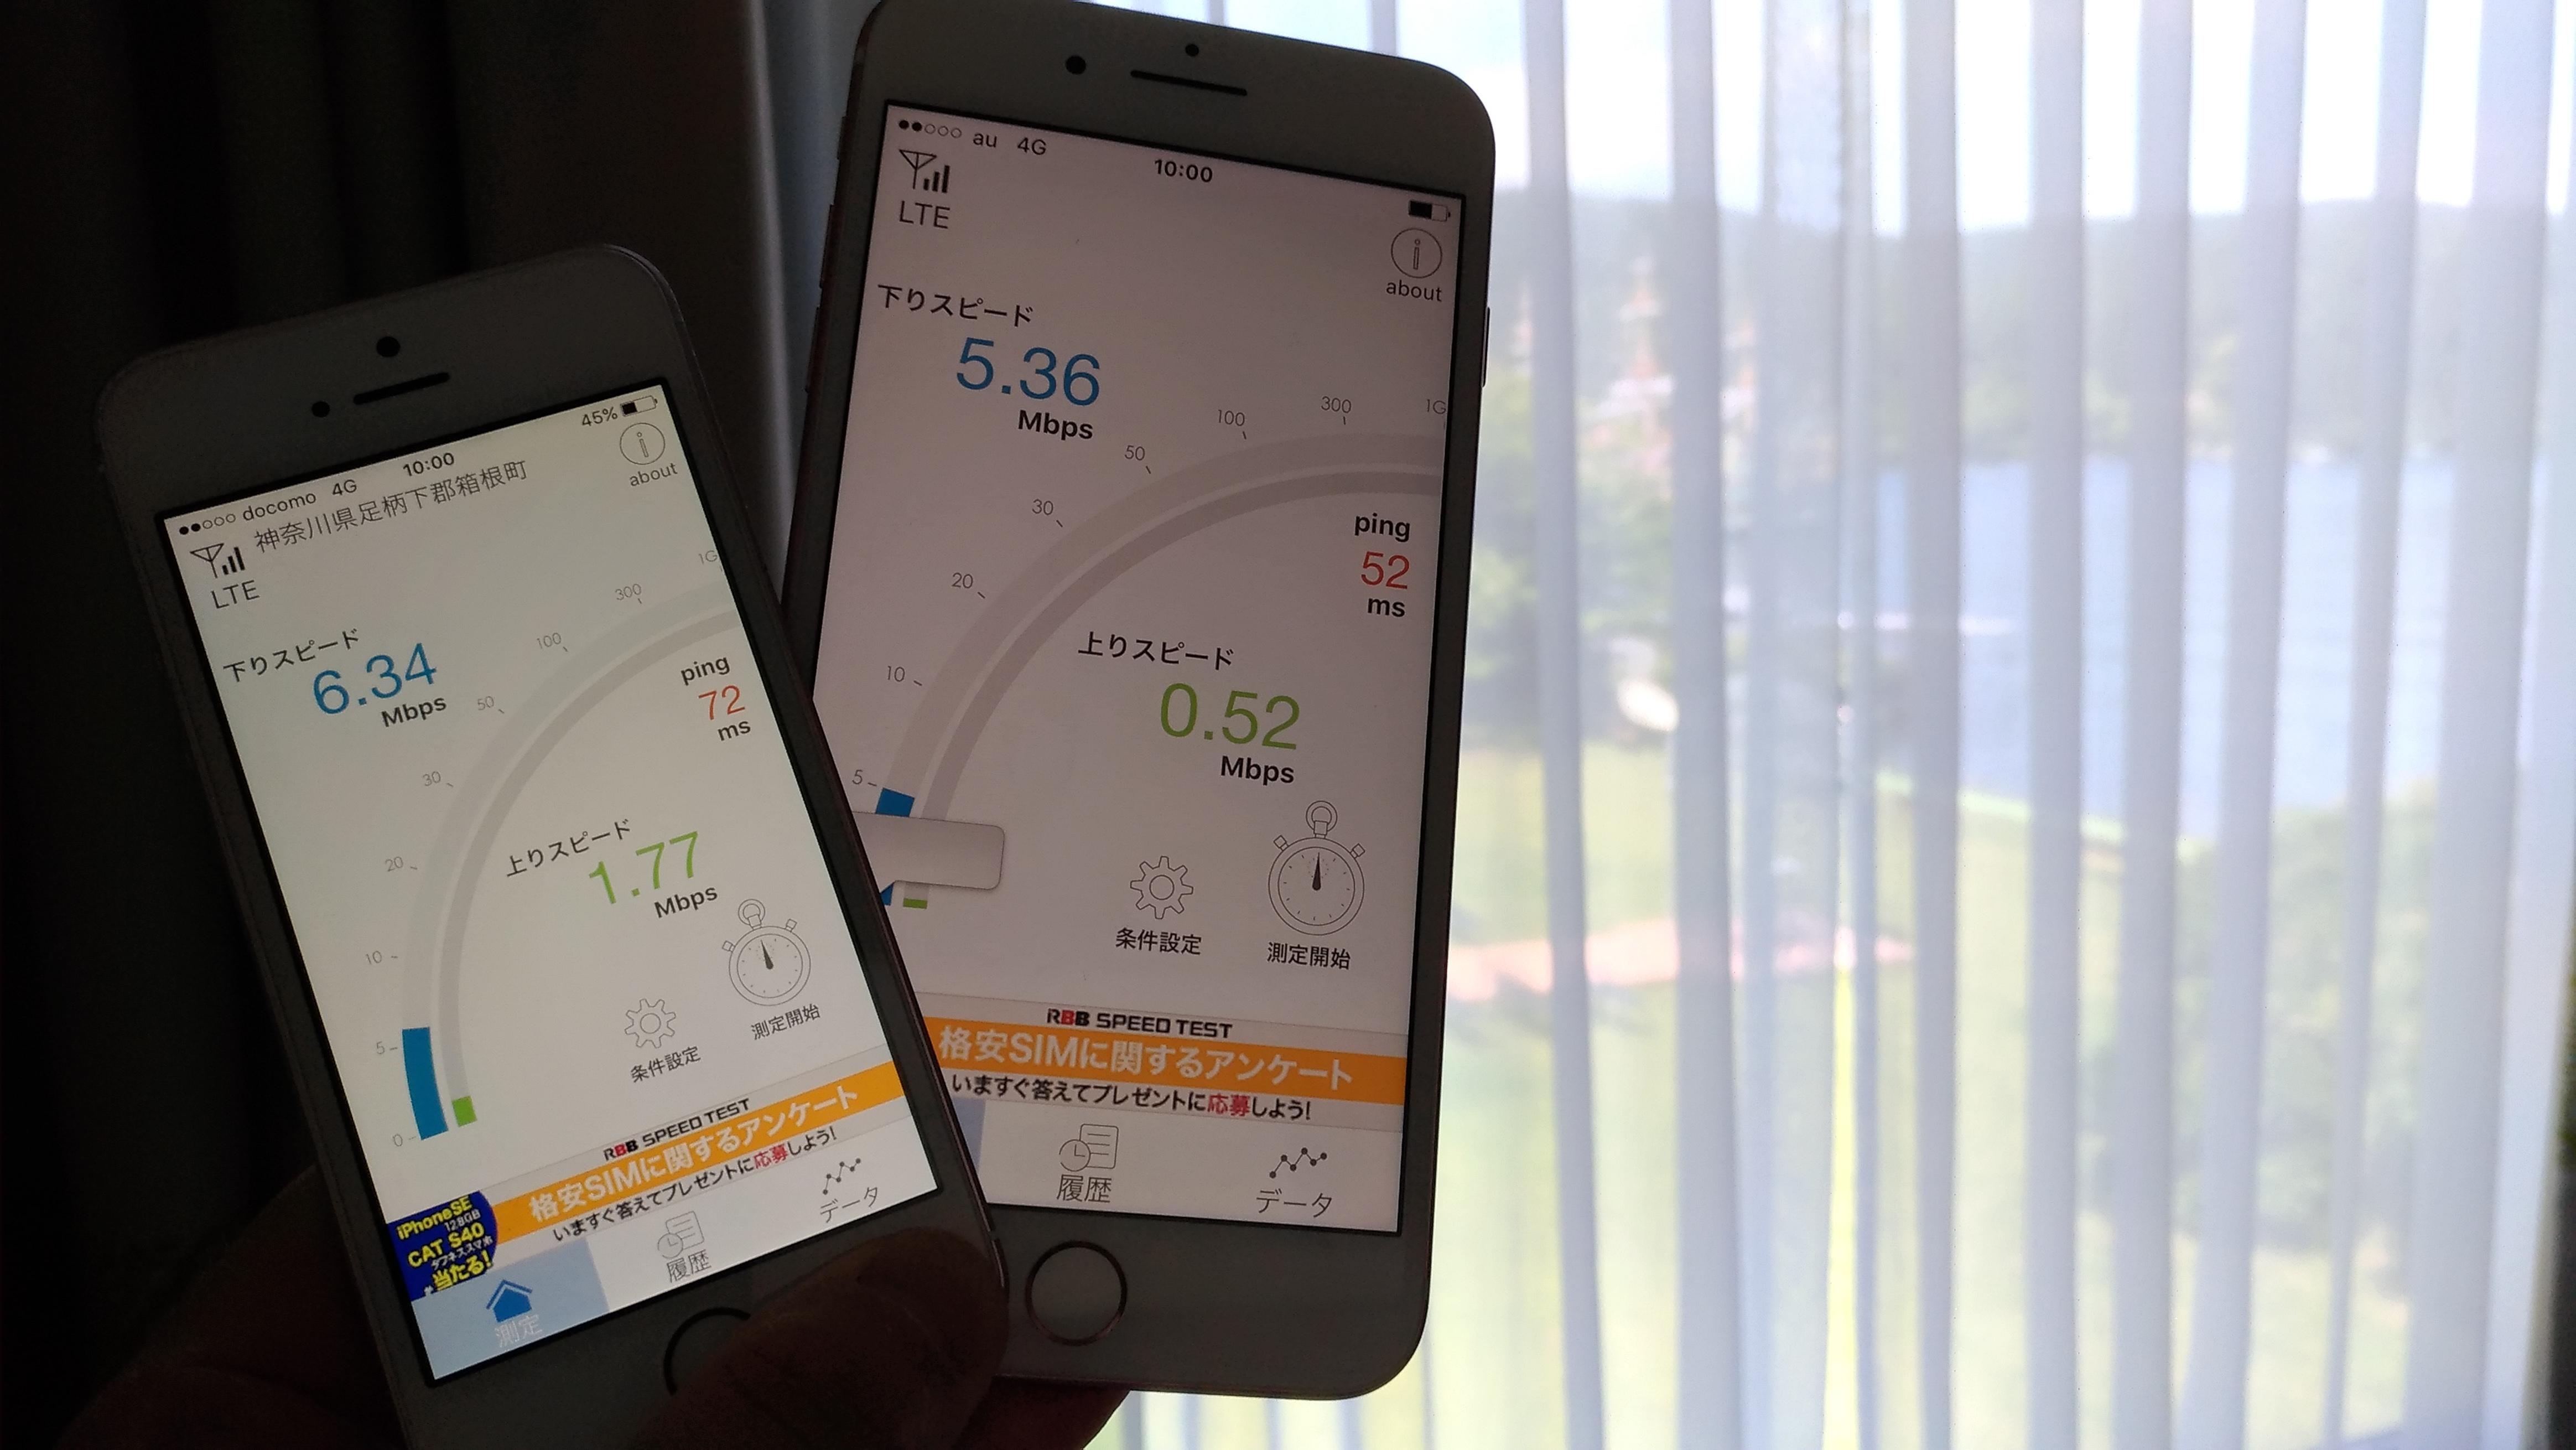 箱根の某ホテルにて通信速度を計測